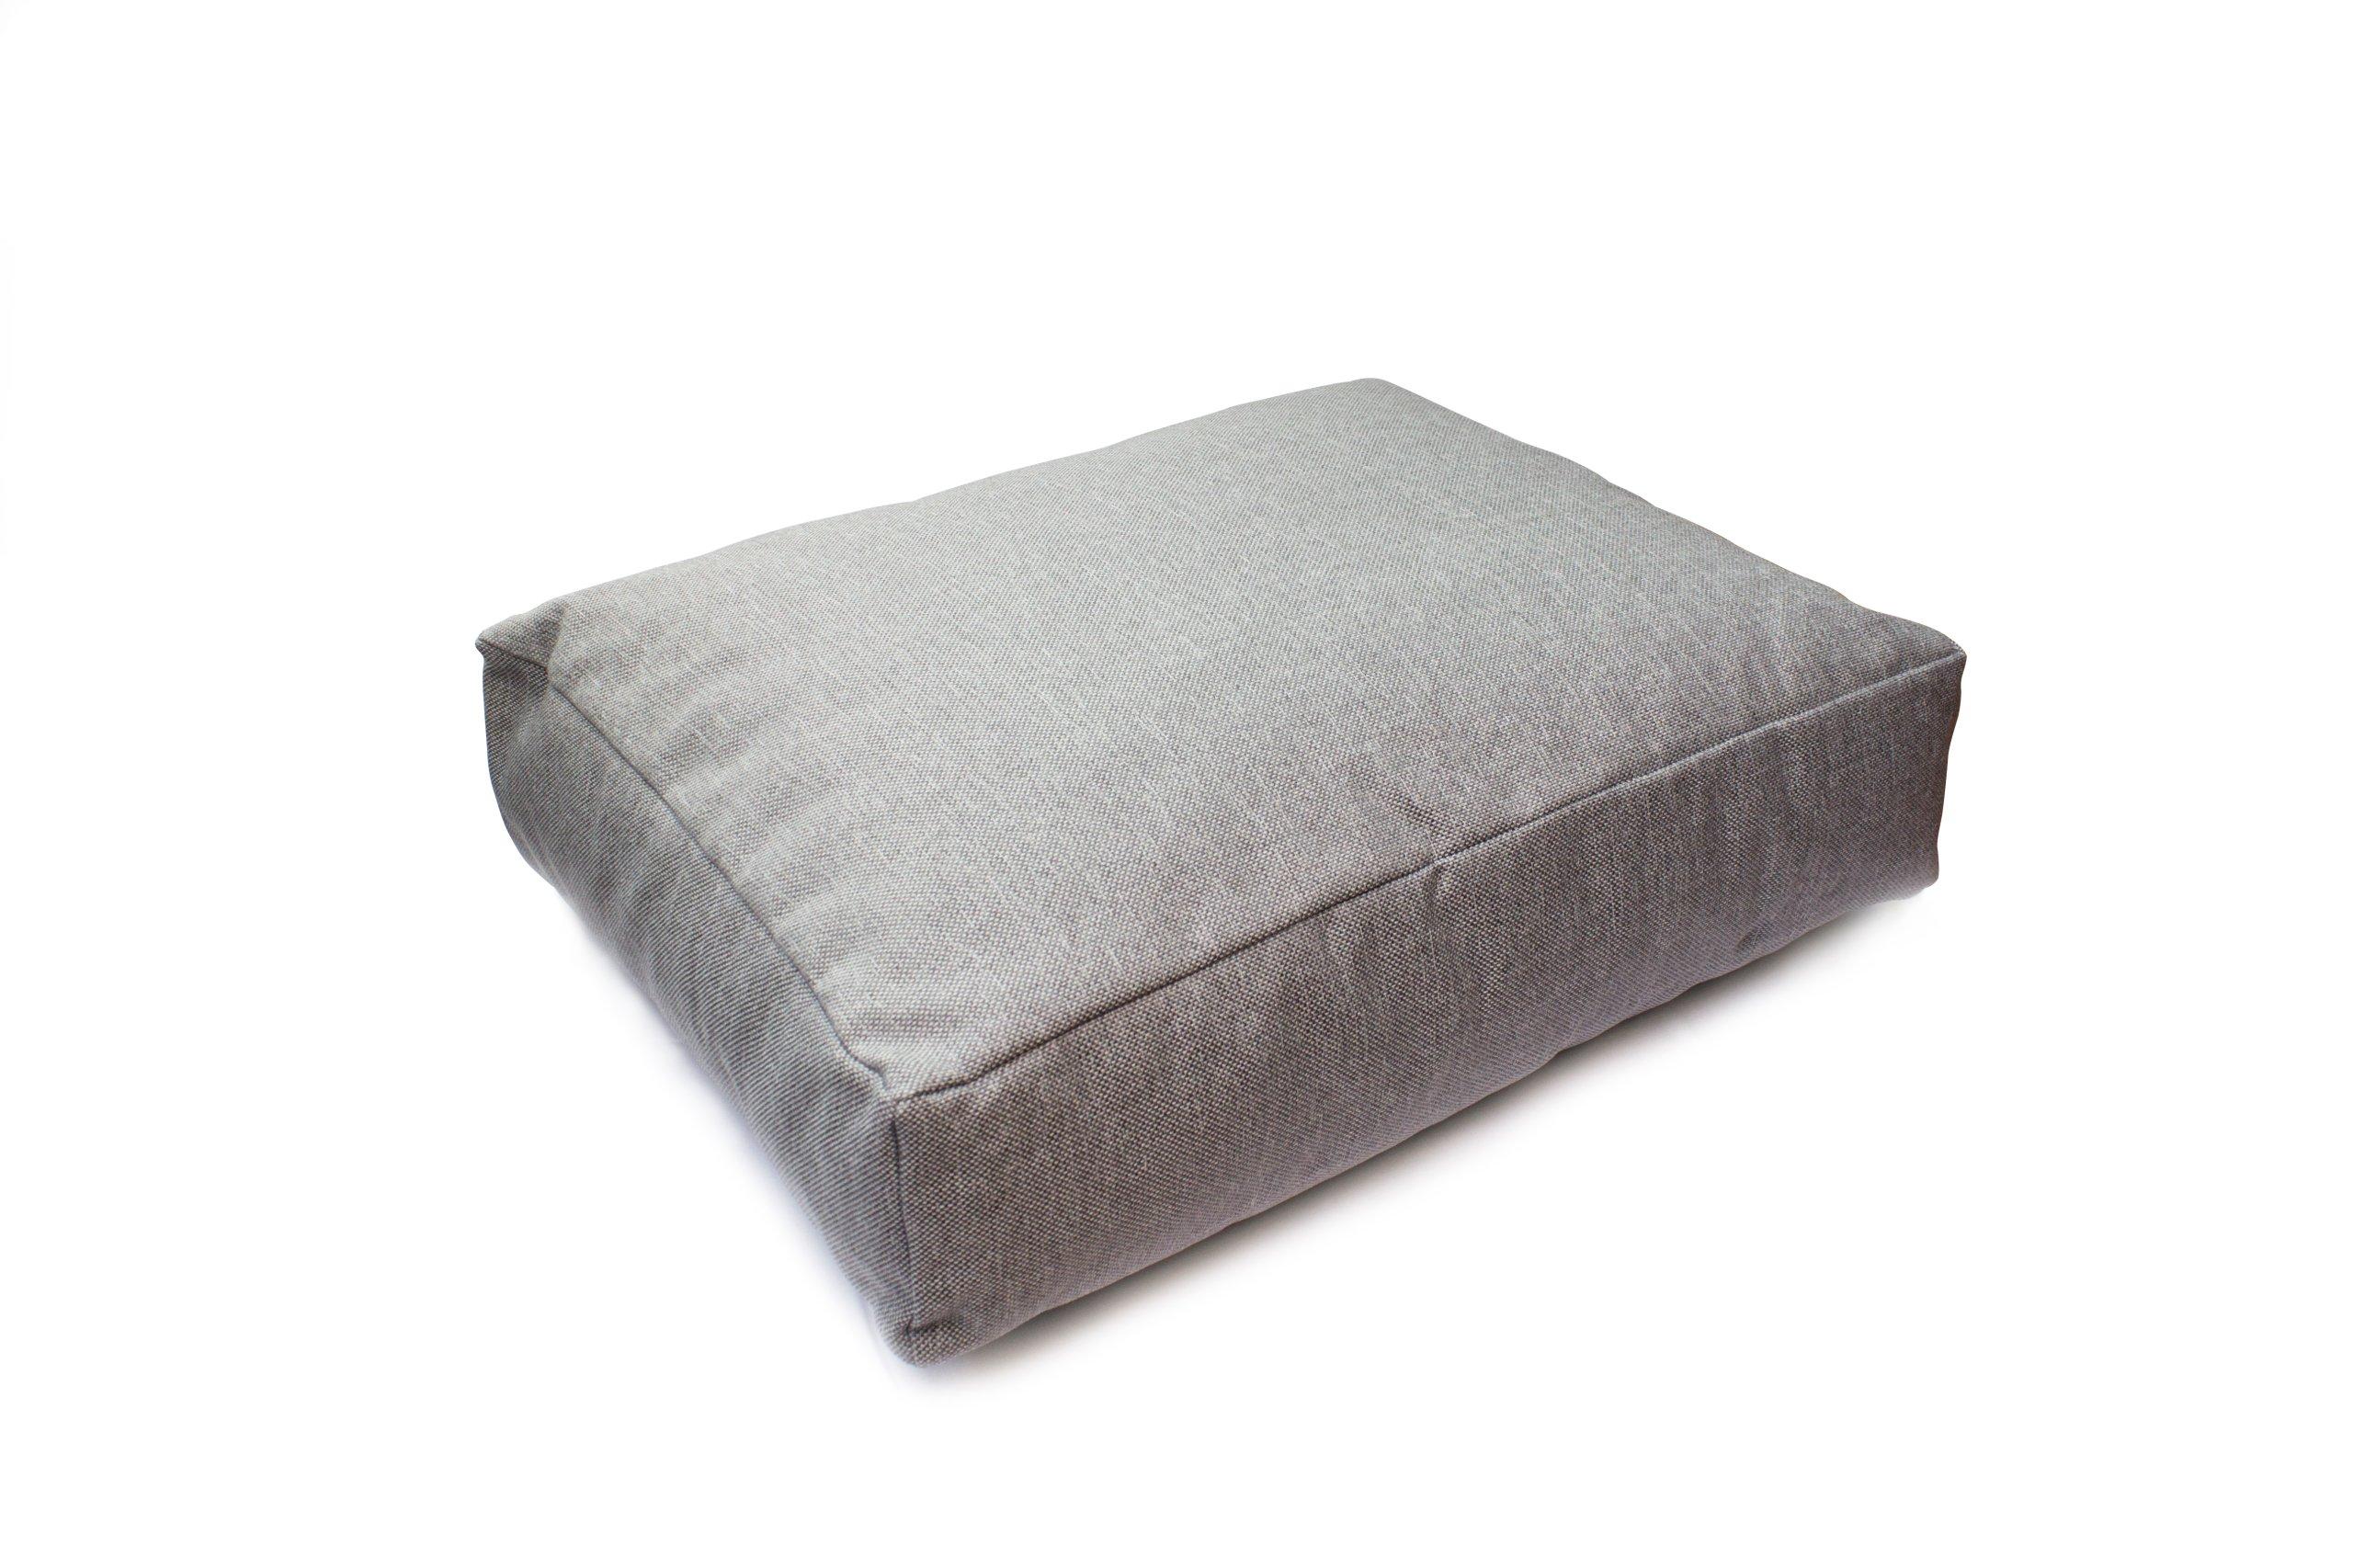 Poduszka Na Oparcie łóżka Na Kanapę 7803768451 Oficjalne